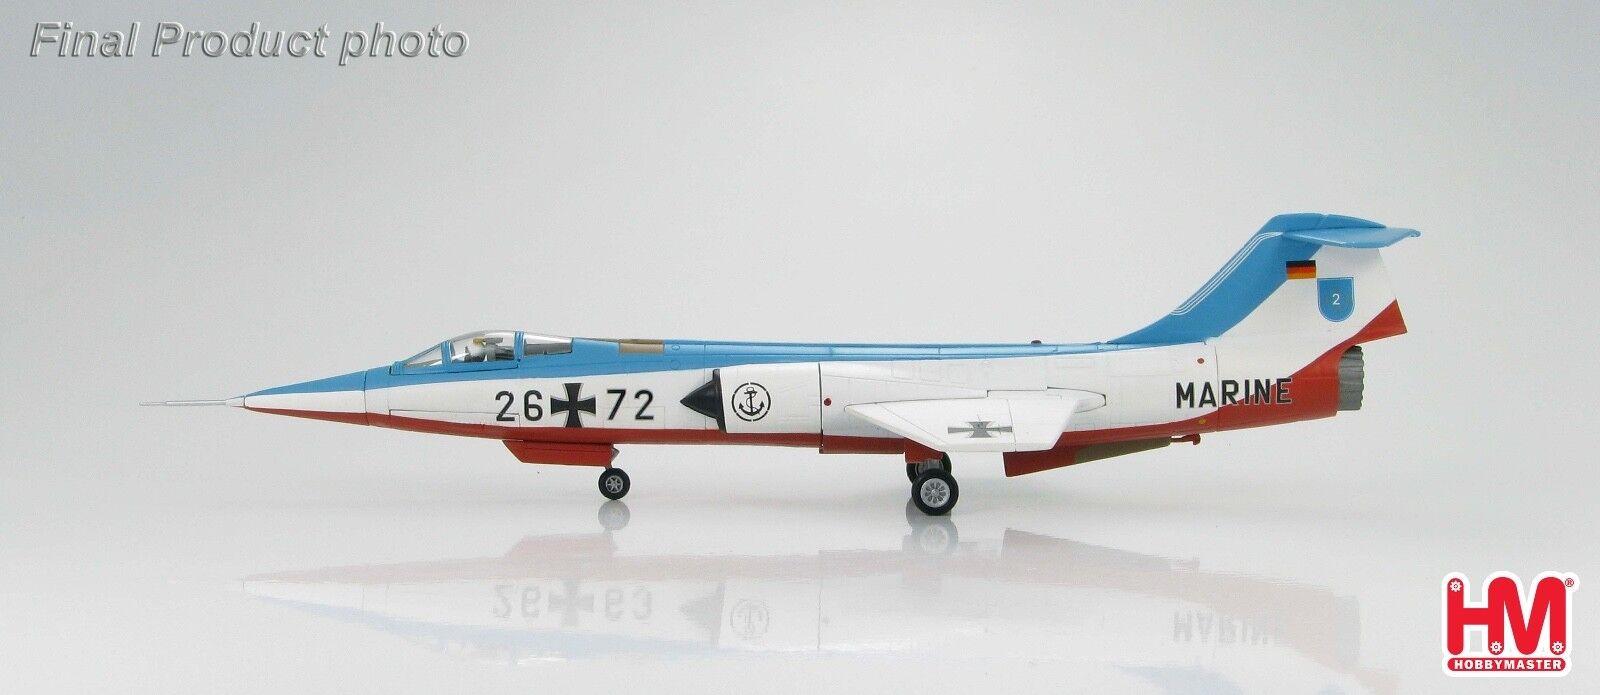 Hobby Master HA1017 1 72 Lockheed F-104G  26 + 72 , Alemán Marina  vikingos